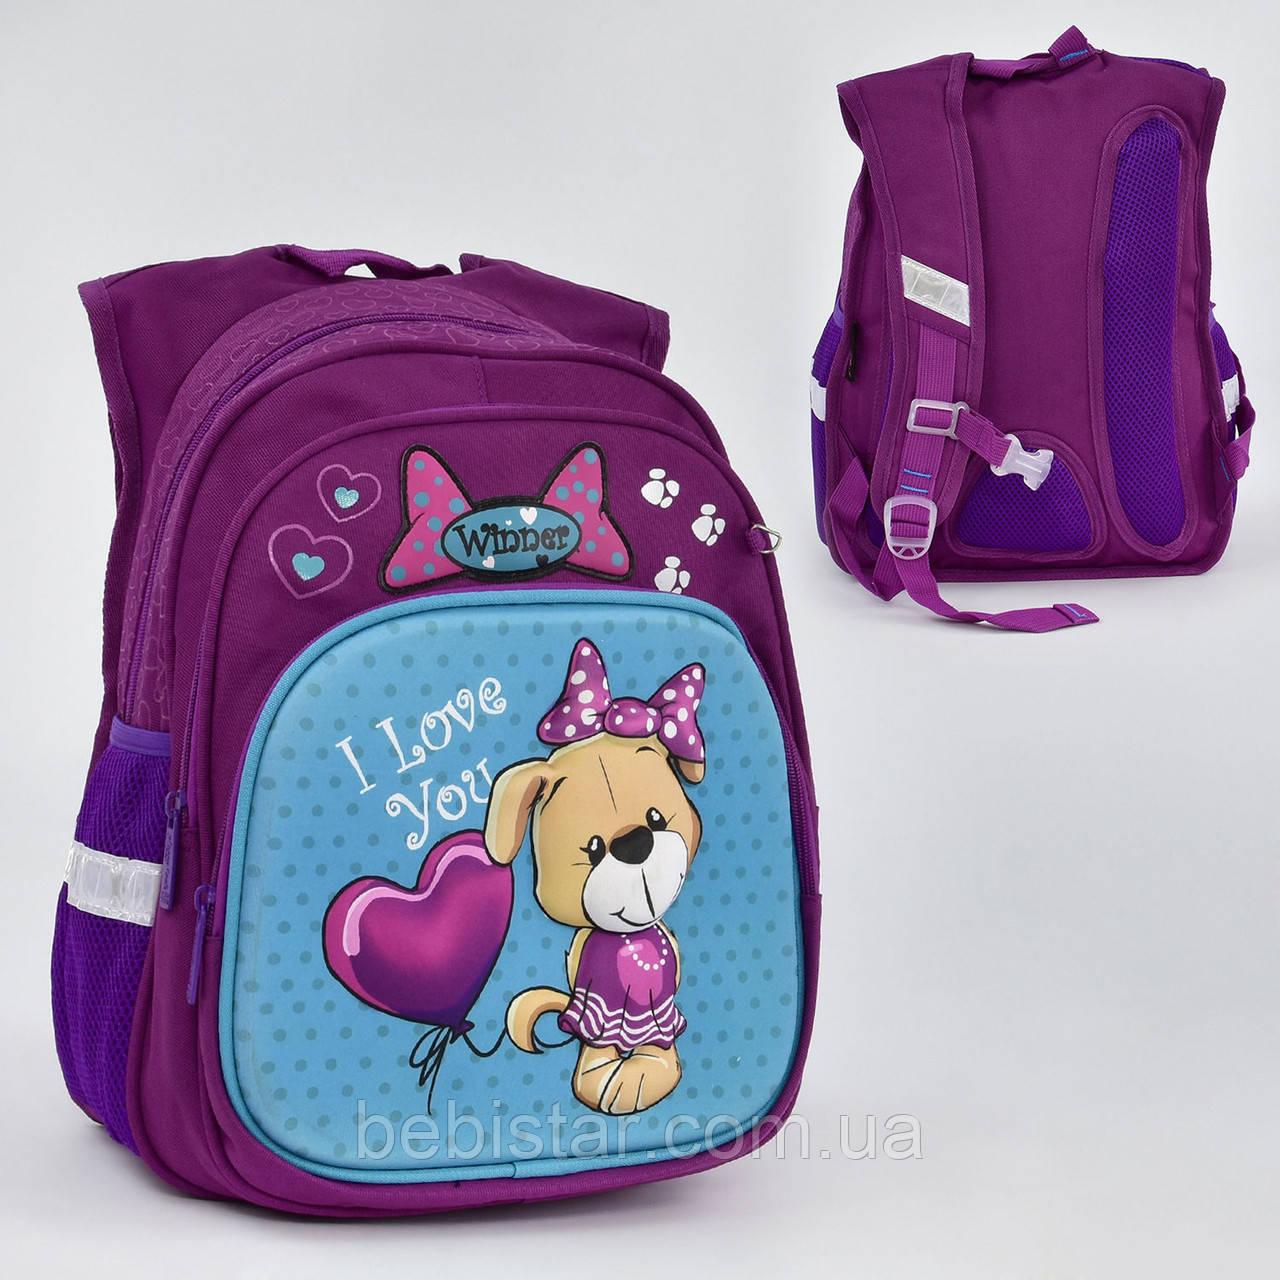 Школьный рюкзак ортопедическая спинка 3 кармана фиолетовый с 3D изображением